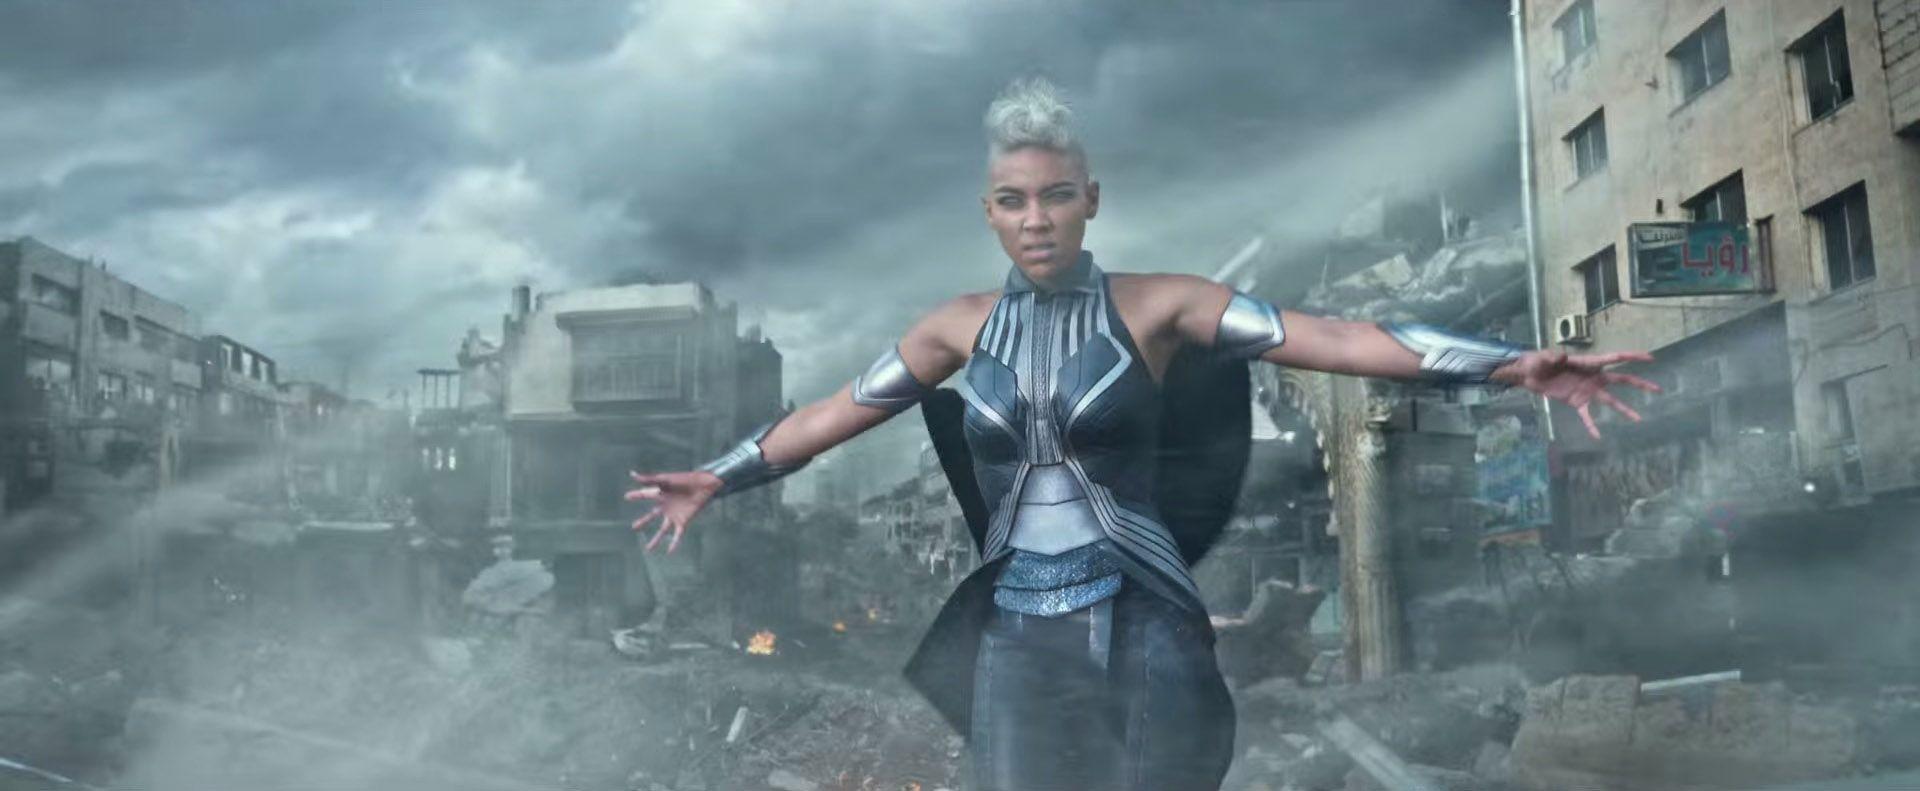 X-Men: Apocalypse Storm